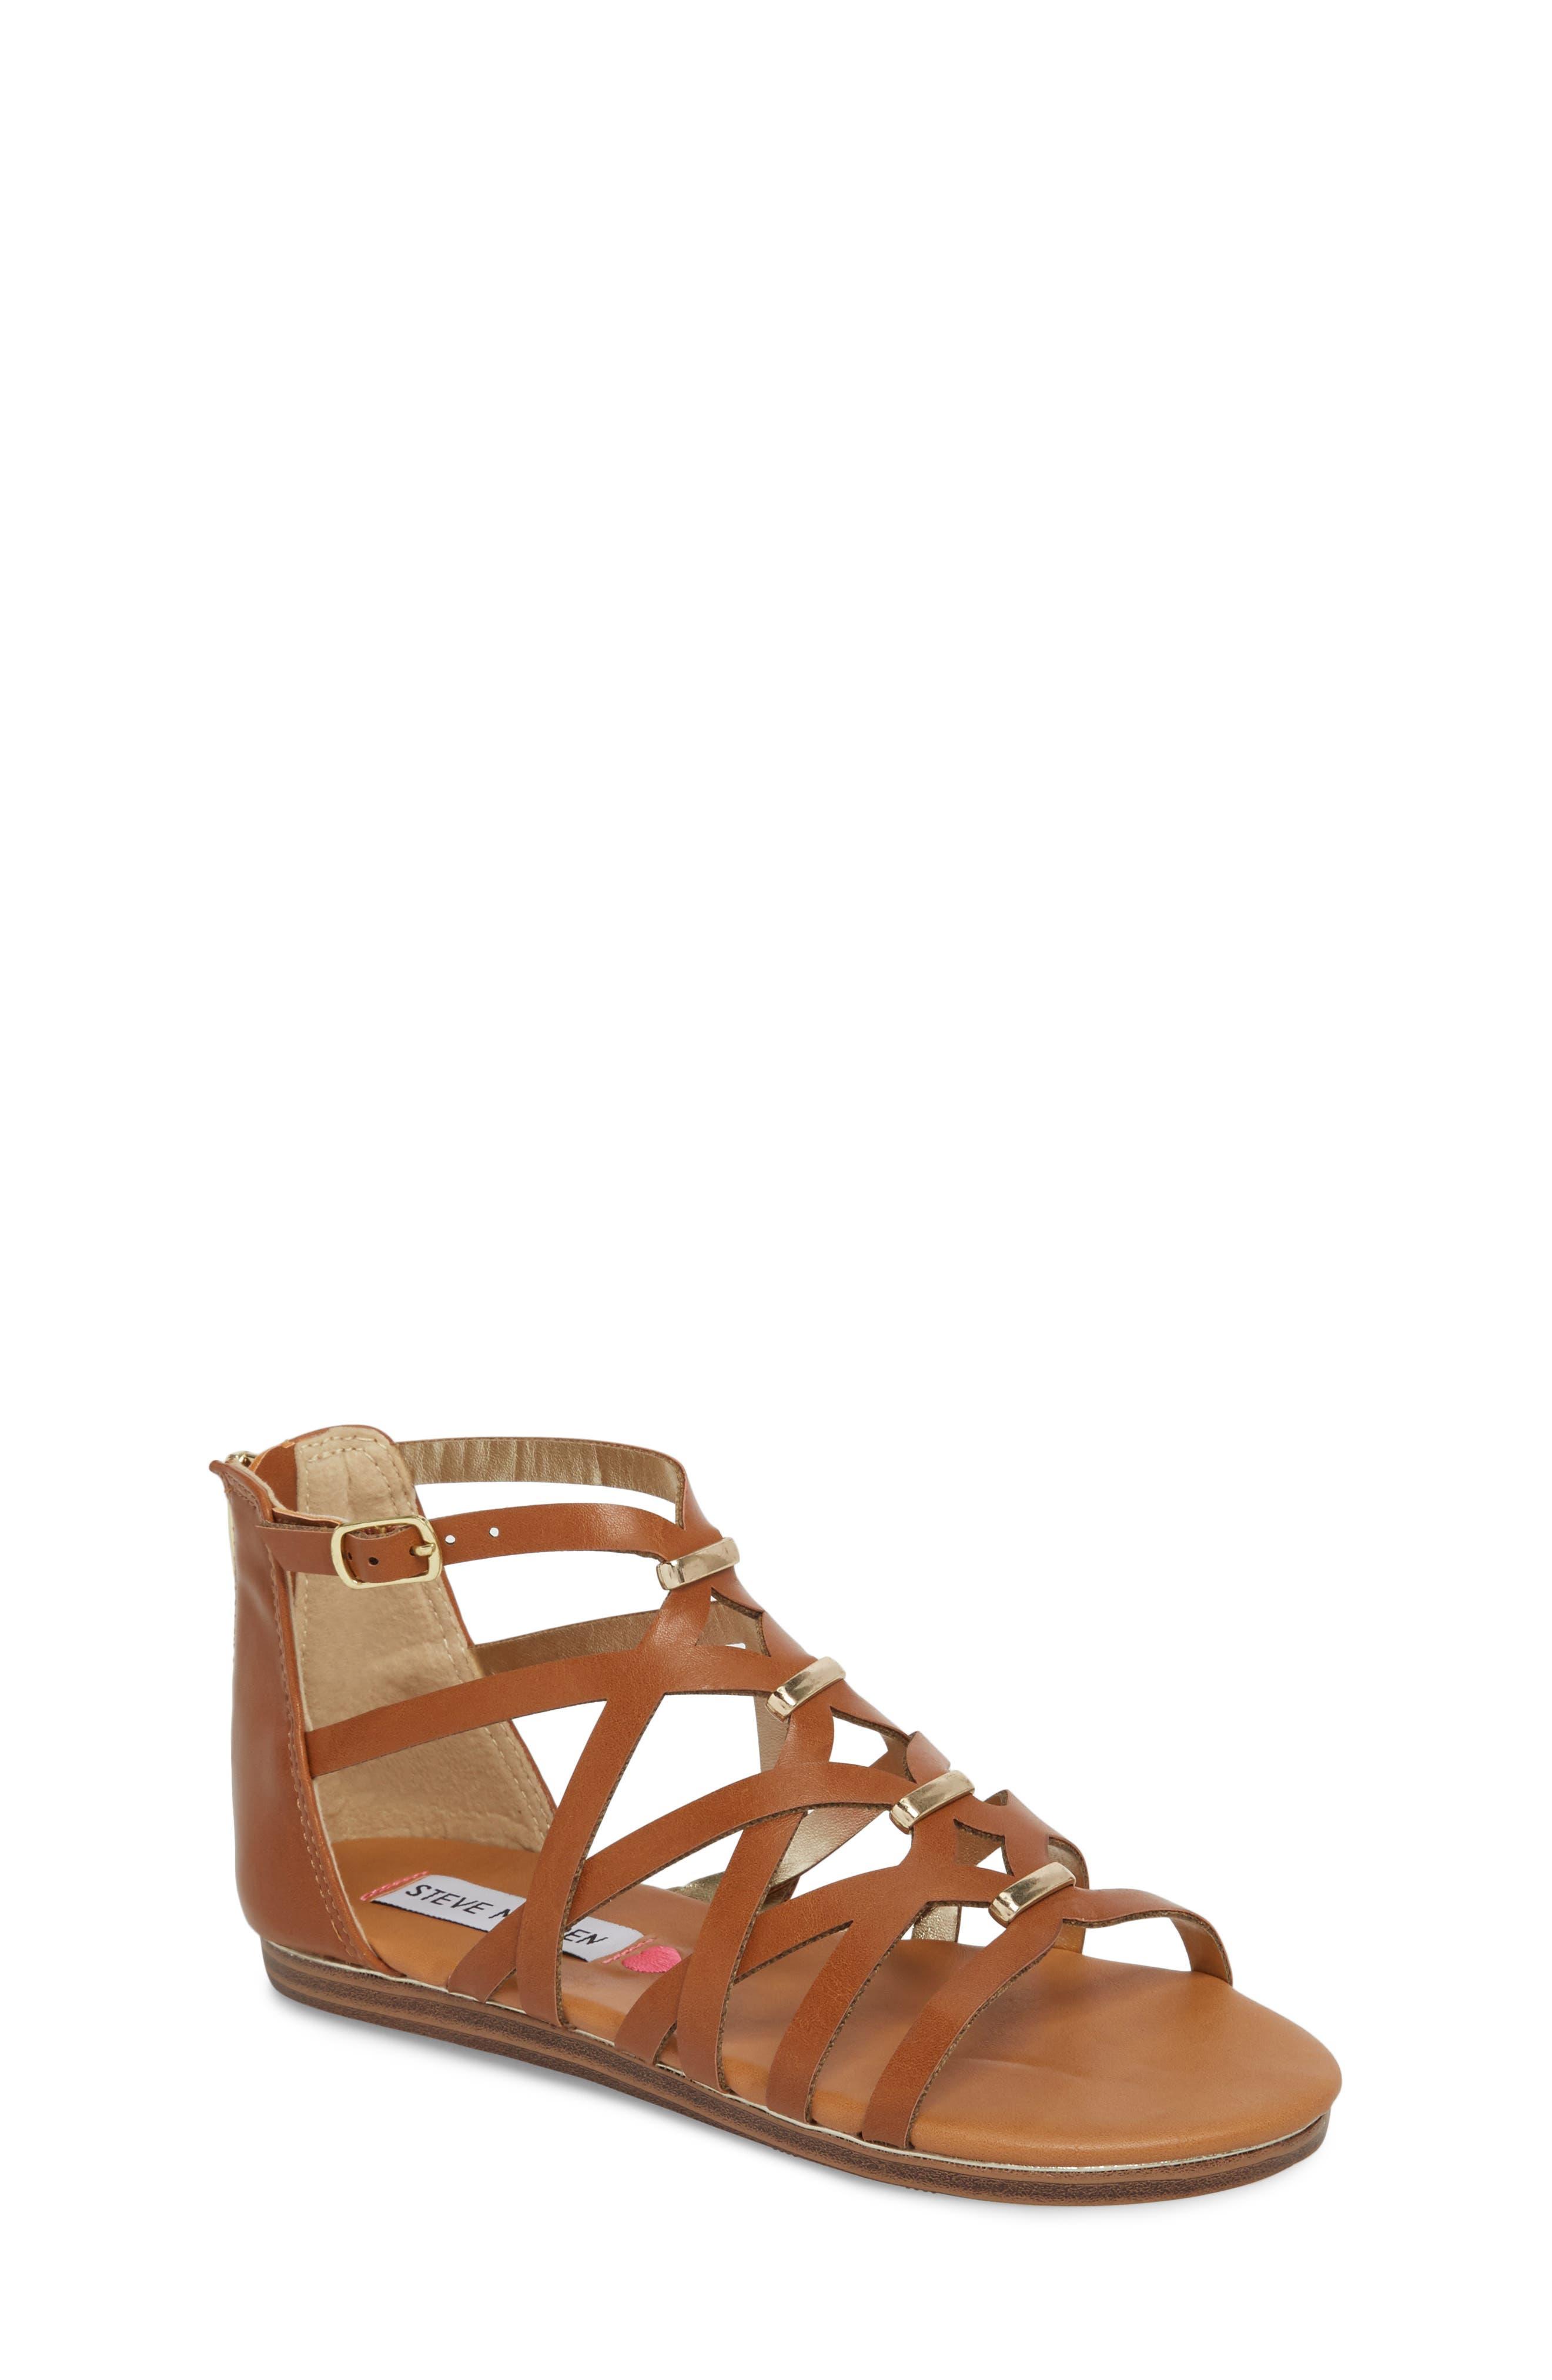 JCOMET Gladiator Sandal,                             Main thumbnail 1, color,